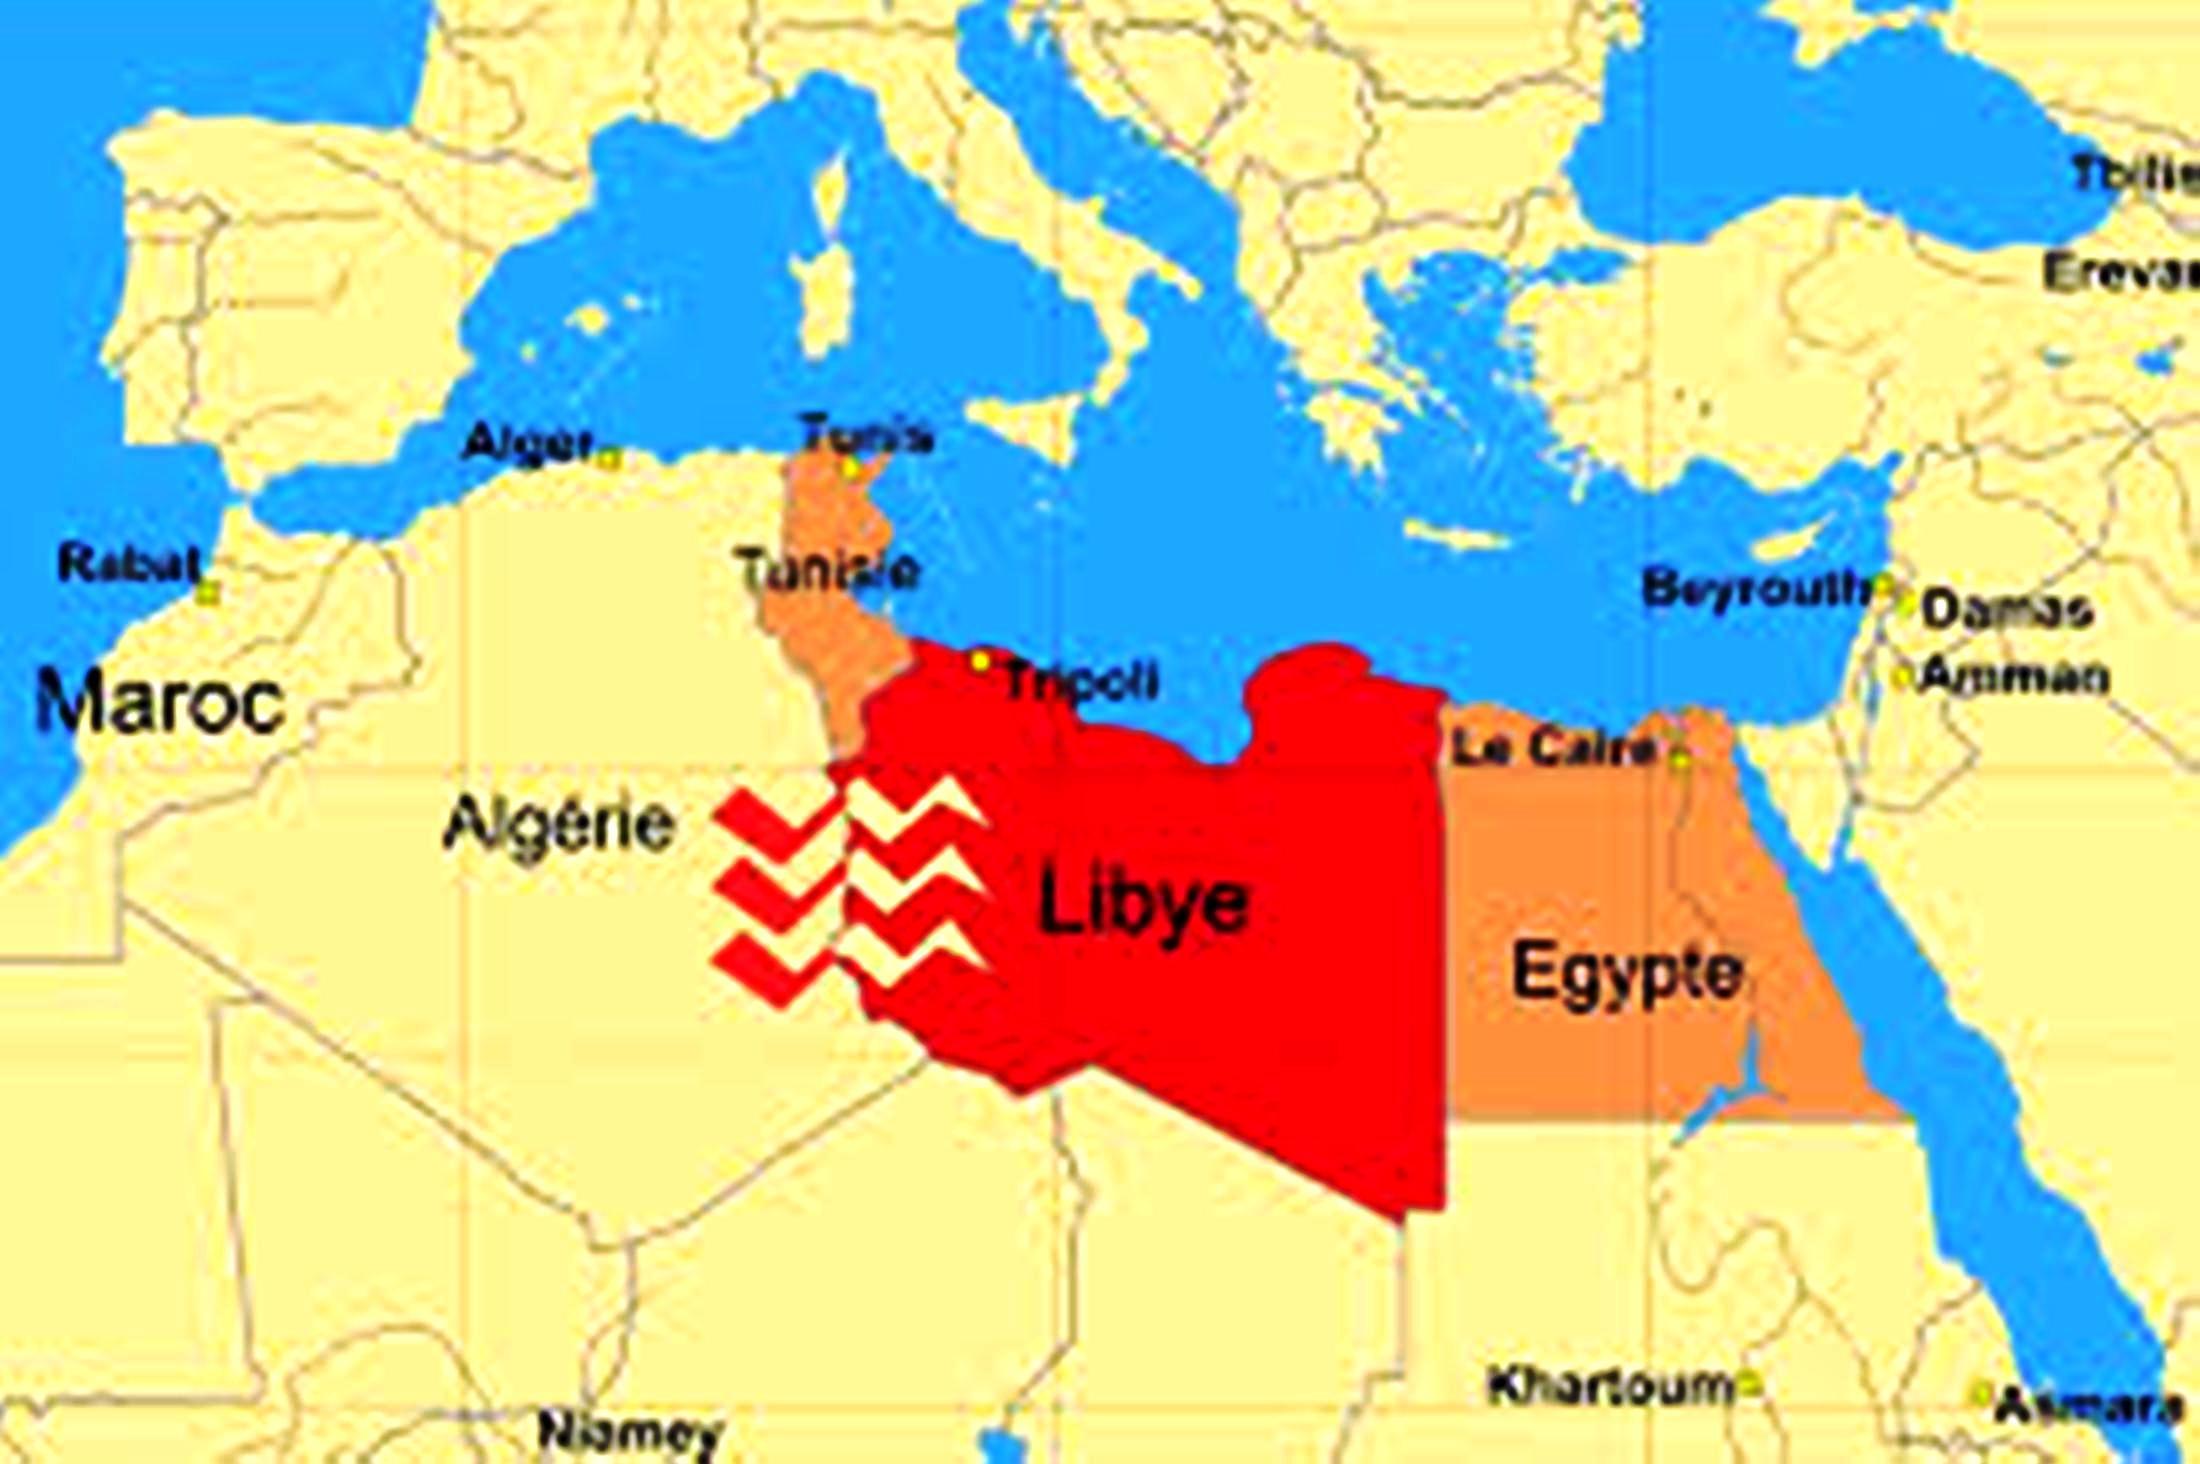 Συνάντηση ΥΠΑΜ Γαλλίας και Ιταλίας για Λιβύη και Ανατολική Μεσόγειο